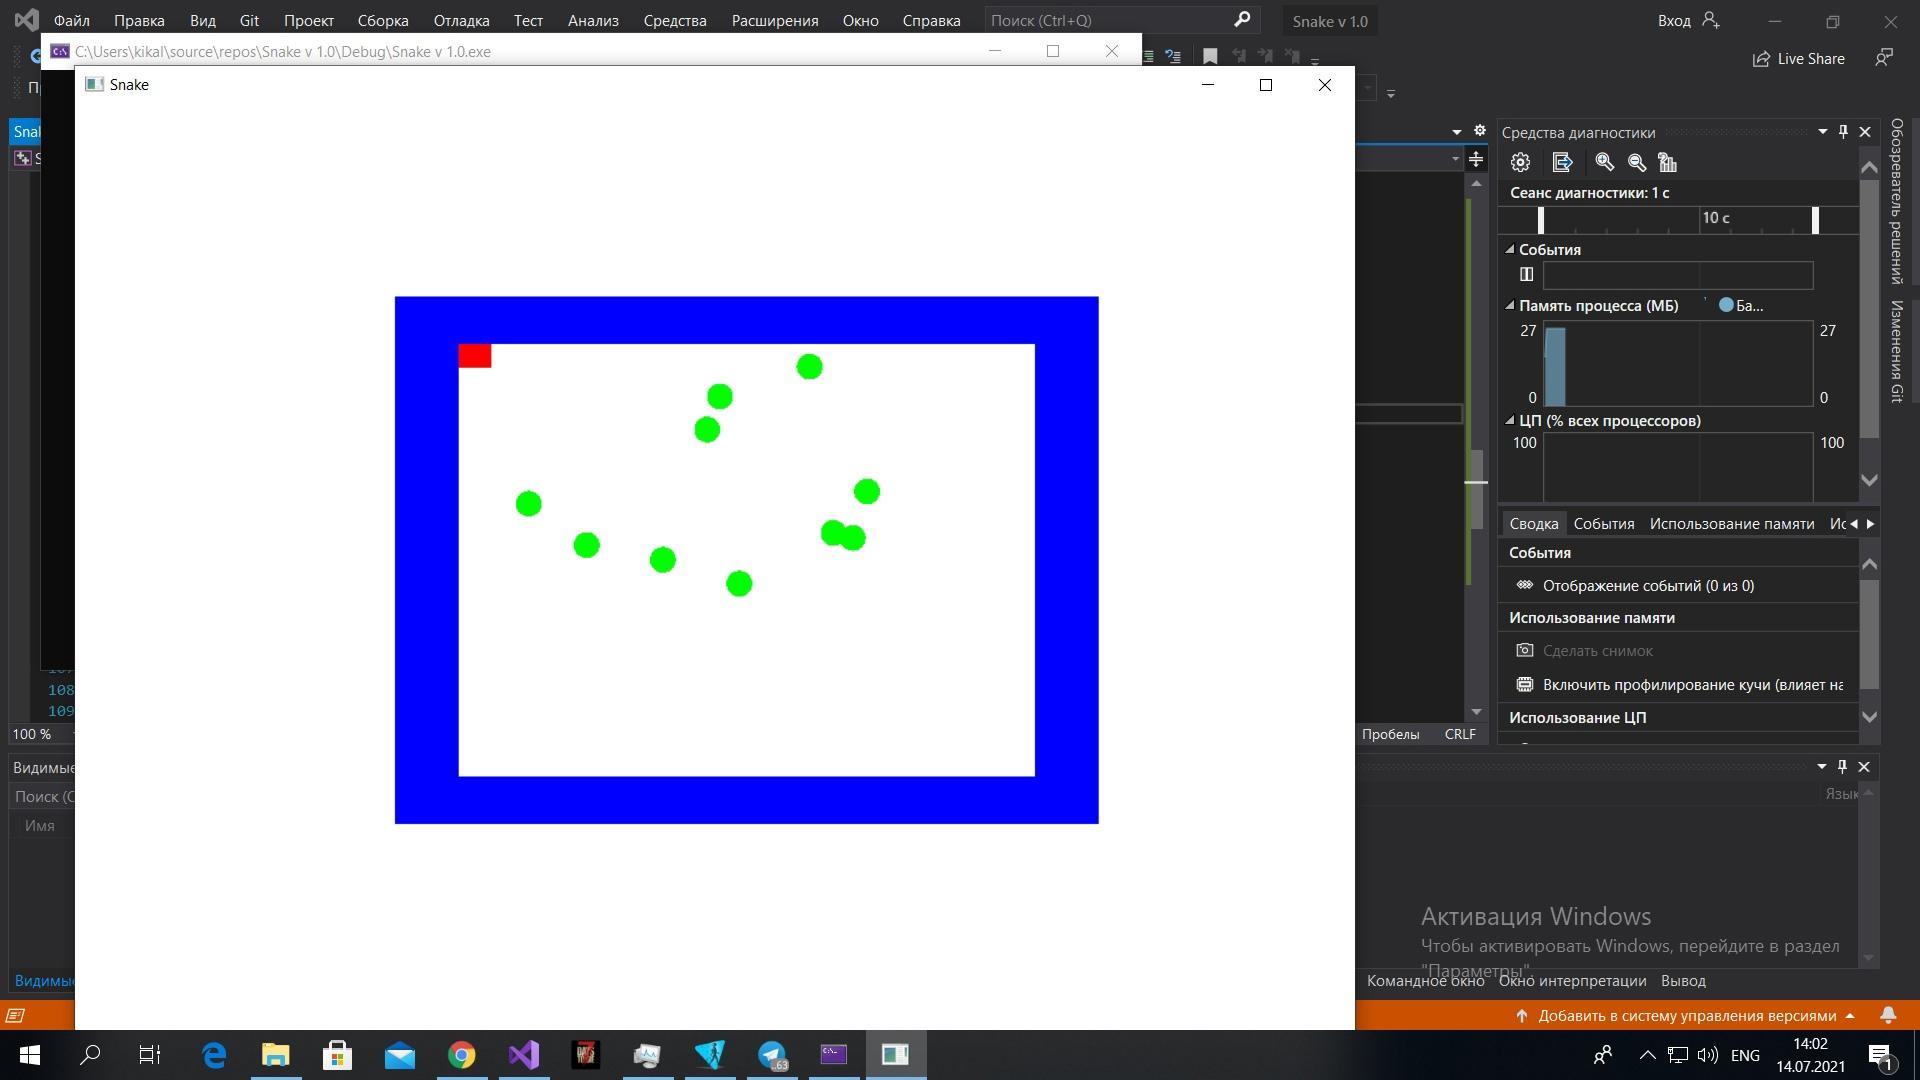 Змейка(почти готовая)(примитивная_   Народ,с чего стоит начать практику после изучения OpenGL и GLSL?